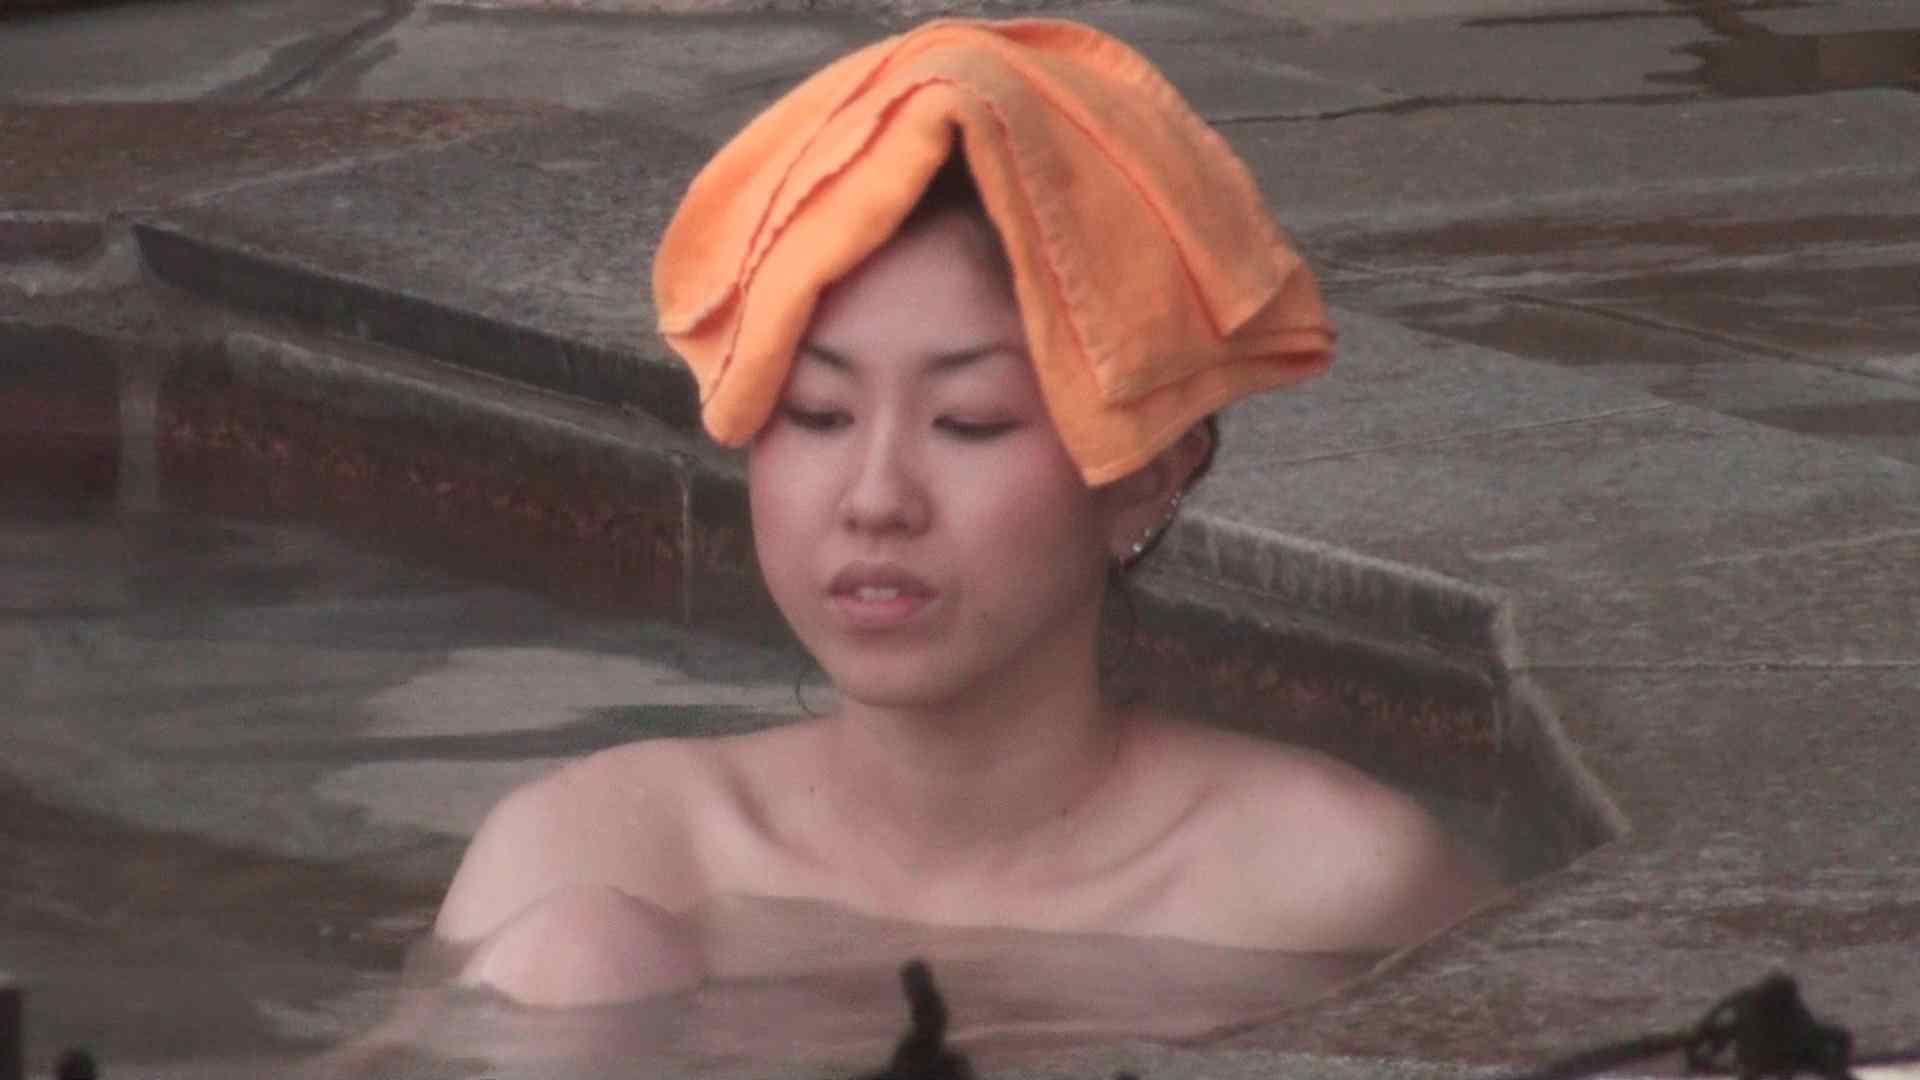 Aquaな露天風呂Vol.135 美しいOLの裸体 覗きおまんこ画像 105pic 74